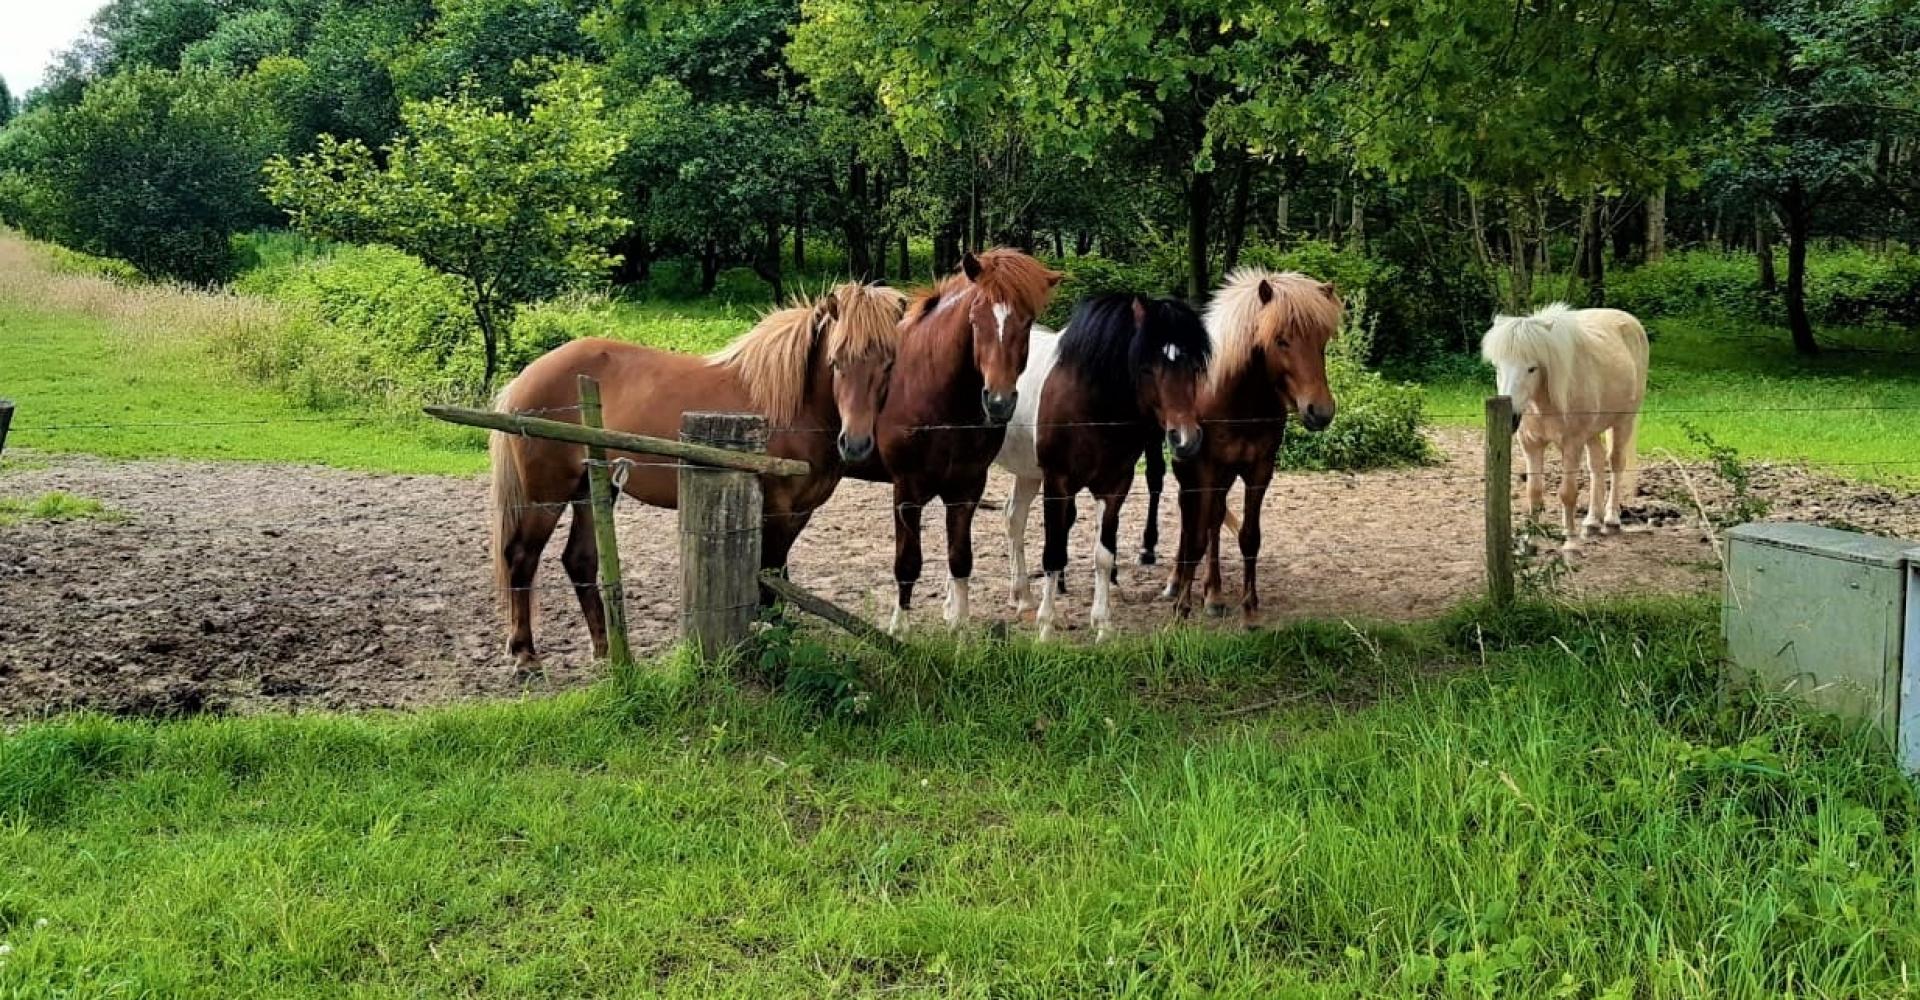 IJslandse paarden in wei